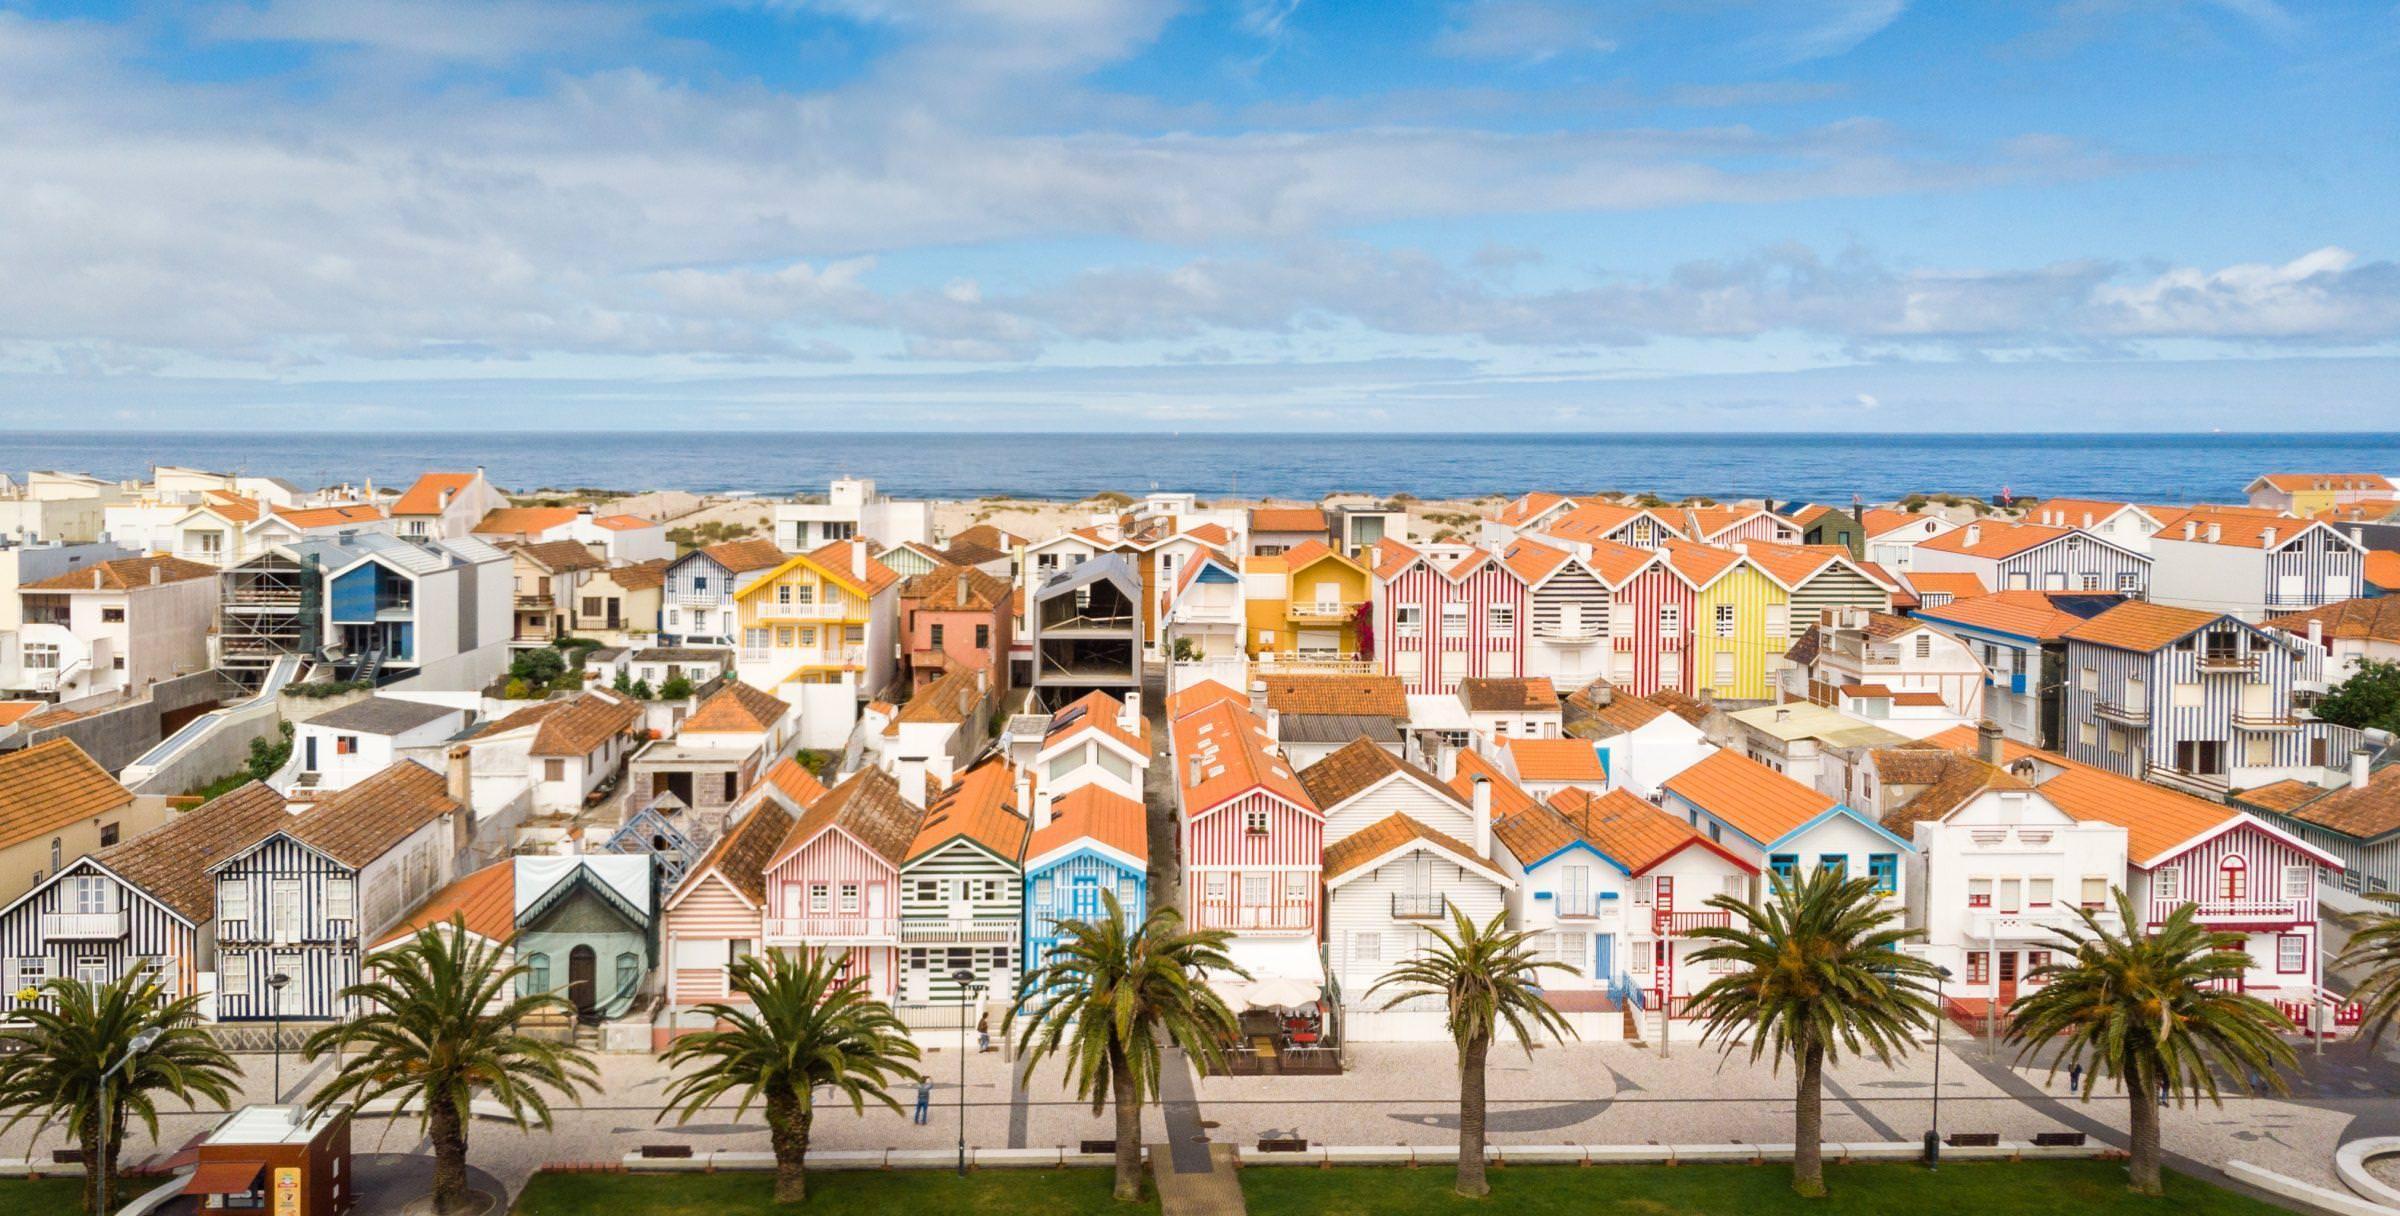 Portekiz Golden Visa Programında Yeni Trend: 350.000 Euro'luk Yatırım Seçeneğine İlgi Artıyor